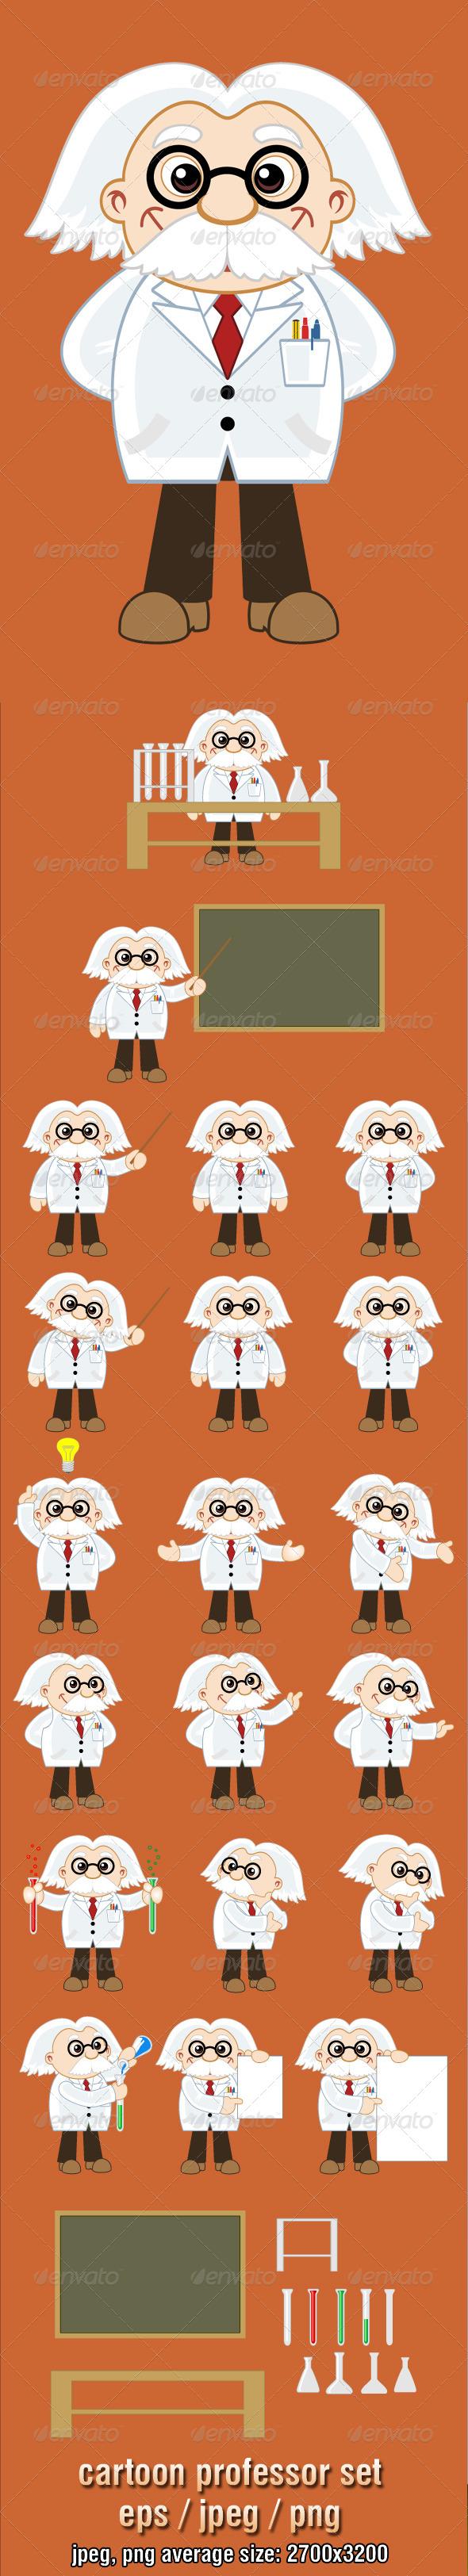 Professor Cartoon Character Set - Characters Vectors